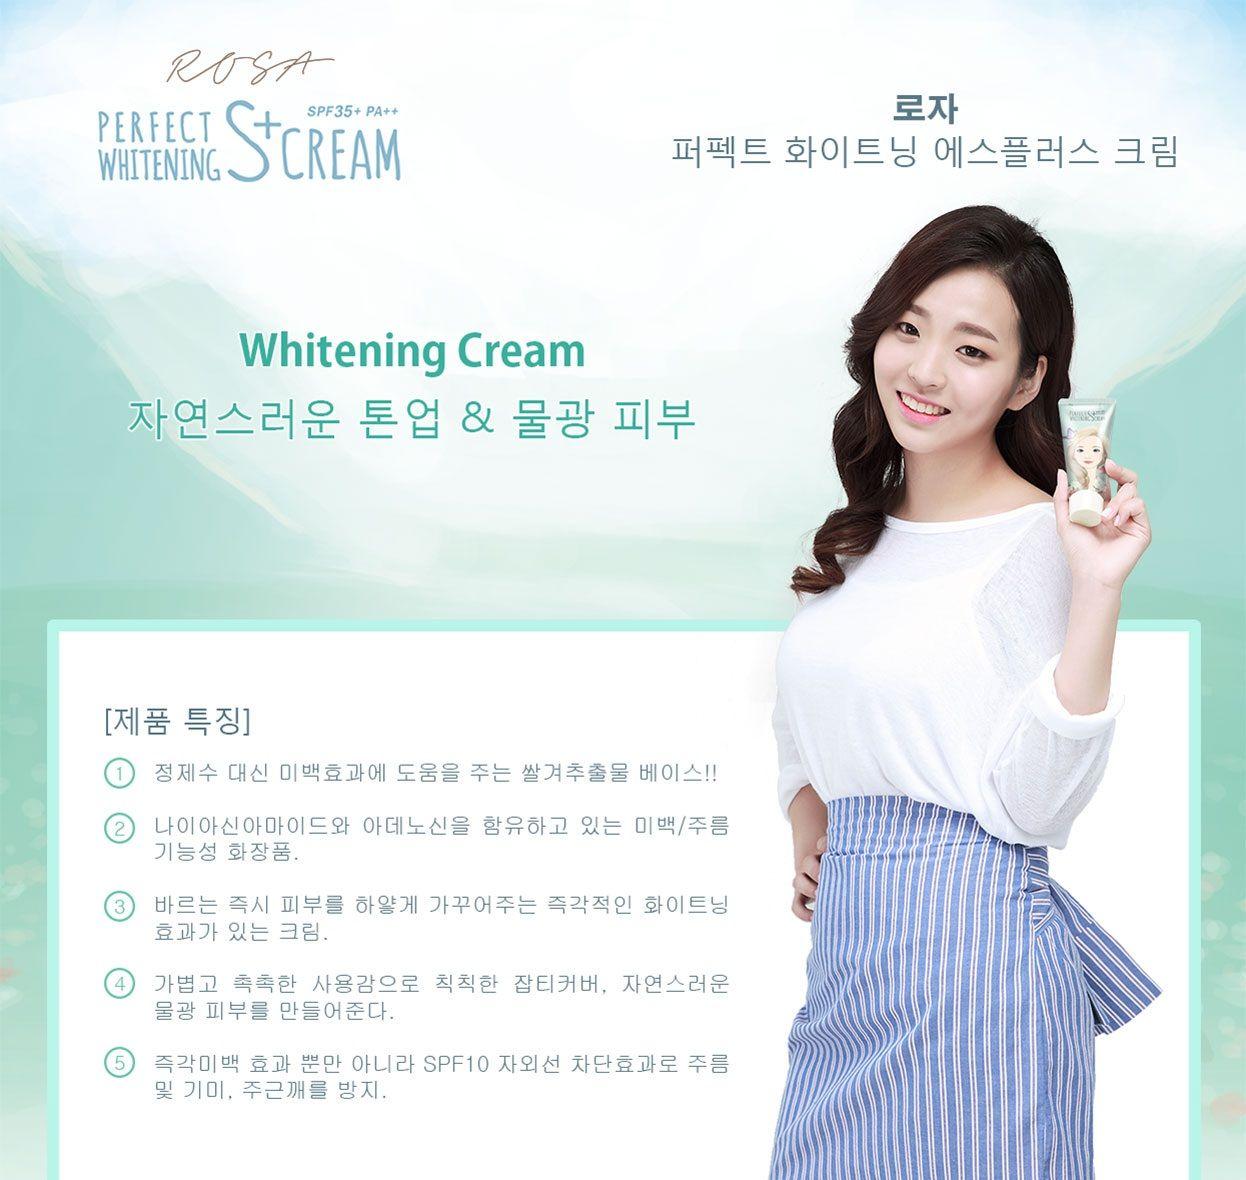 Kem dưỡng Rosa có thiết kế vỏ hộp vô cùng trẻ trung hình cô gái và với 2 màu chủ đạo là trắng và xanh dương